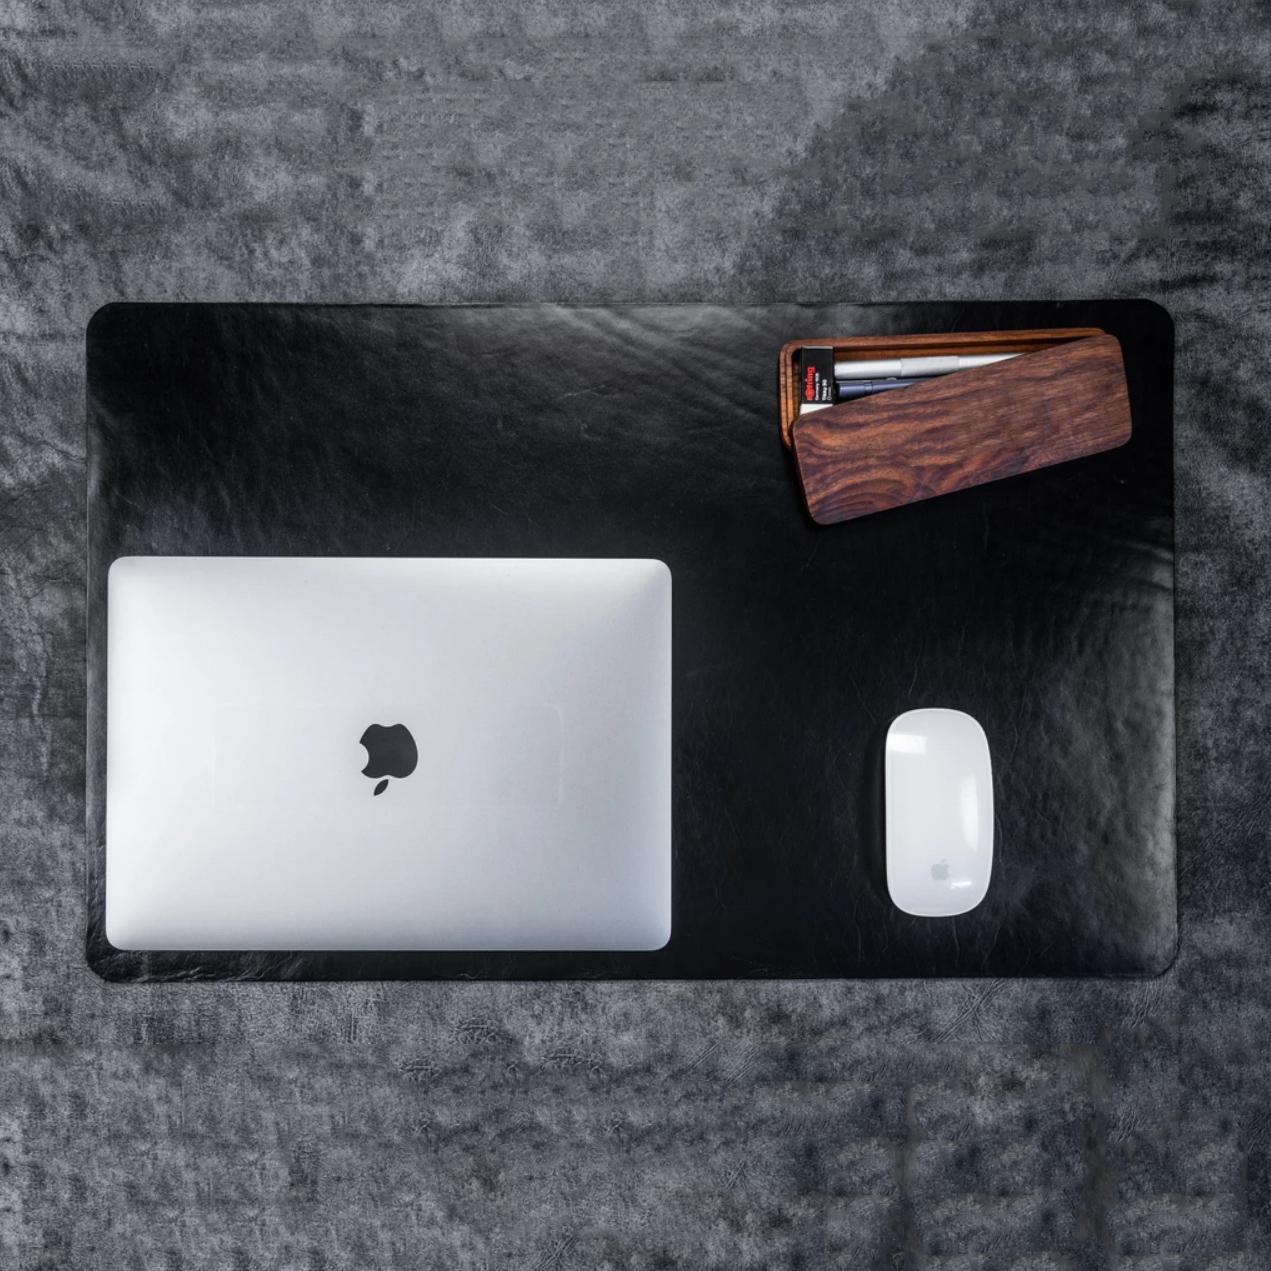 dovanos vyrams   verslo dovana naturalios odos ranku darbo laptop kompiuterio  padas stalo uztiesimas   52